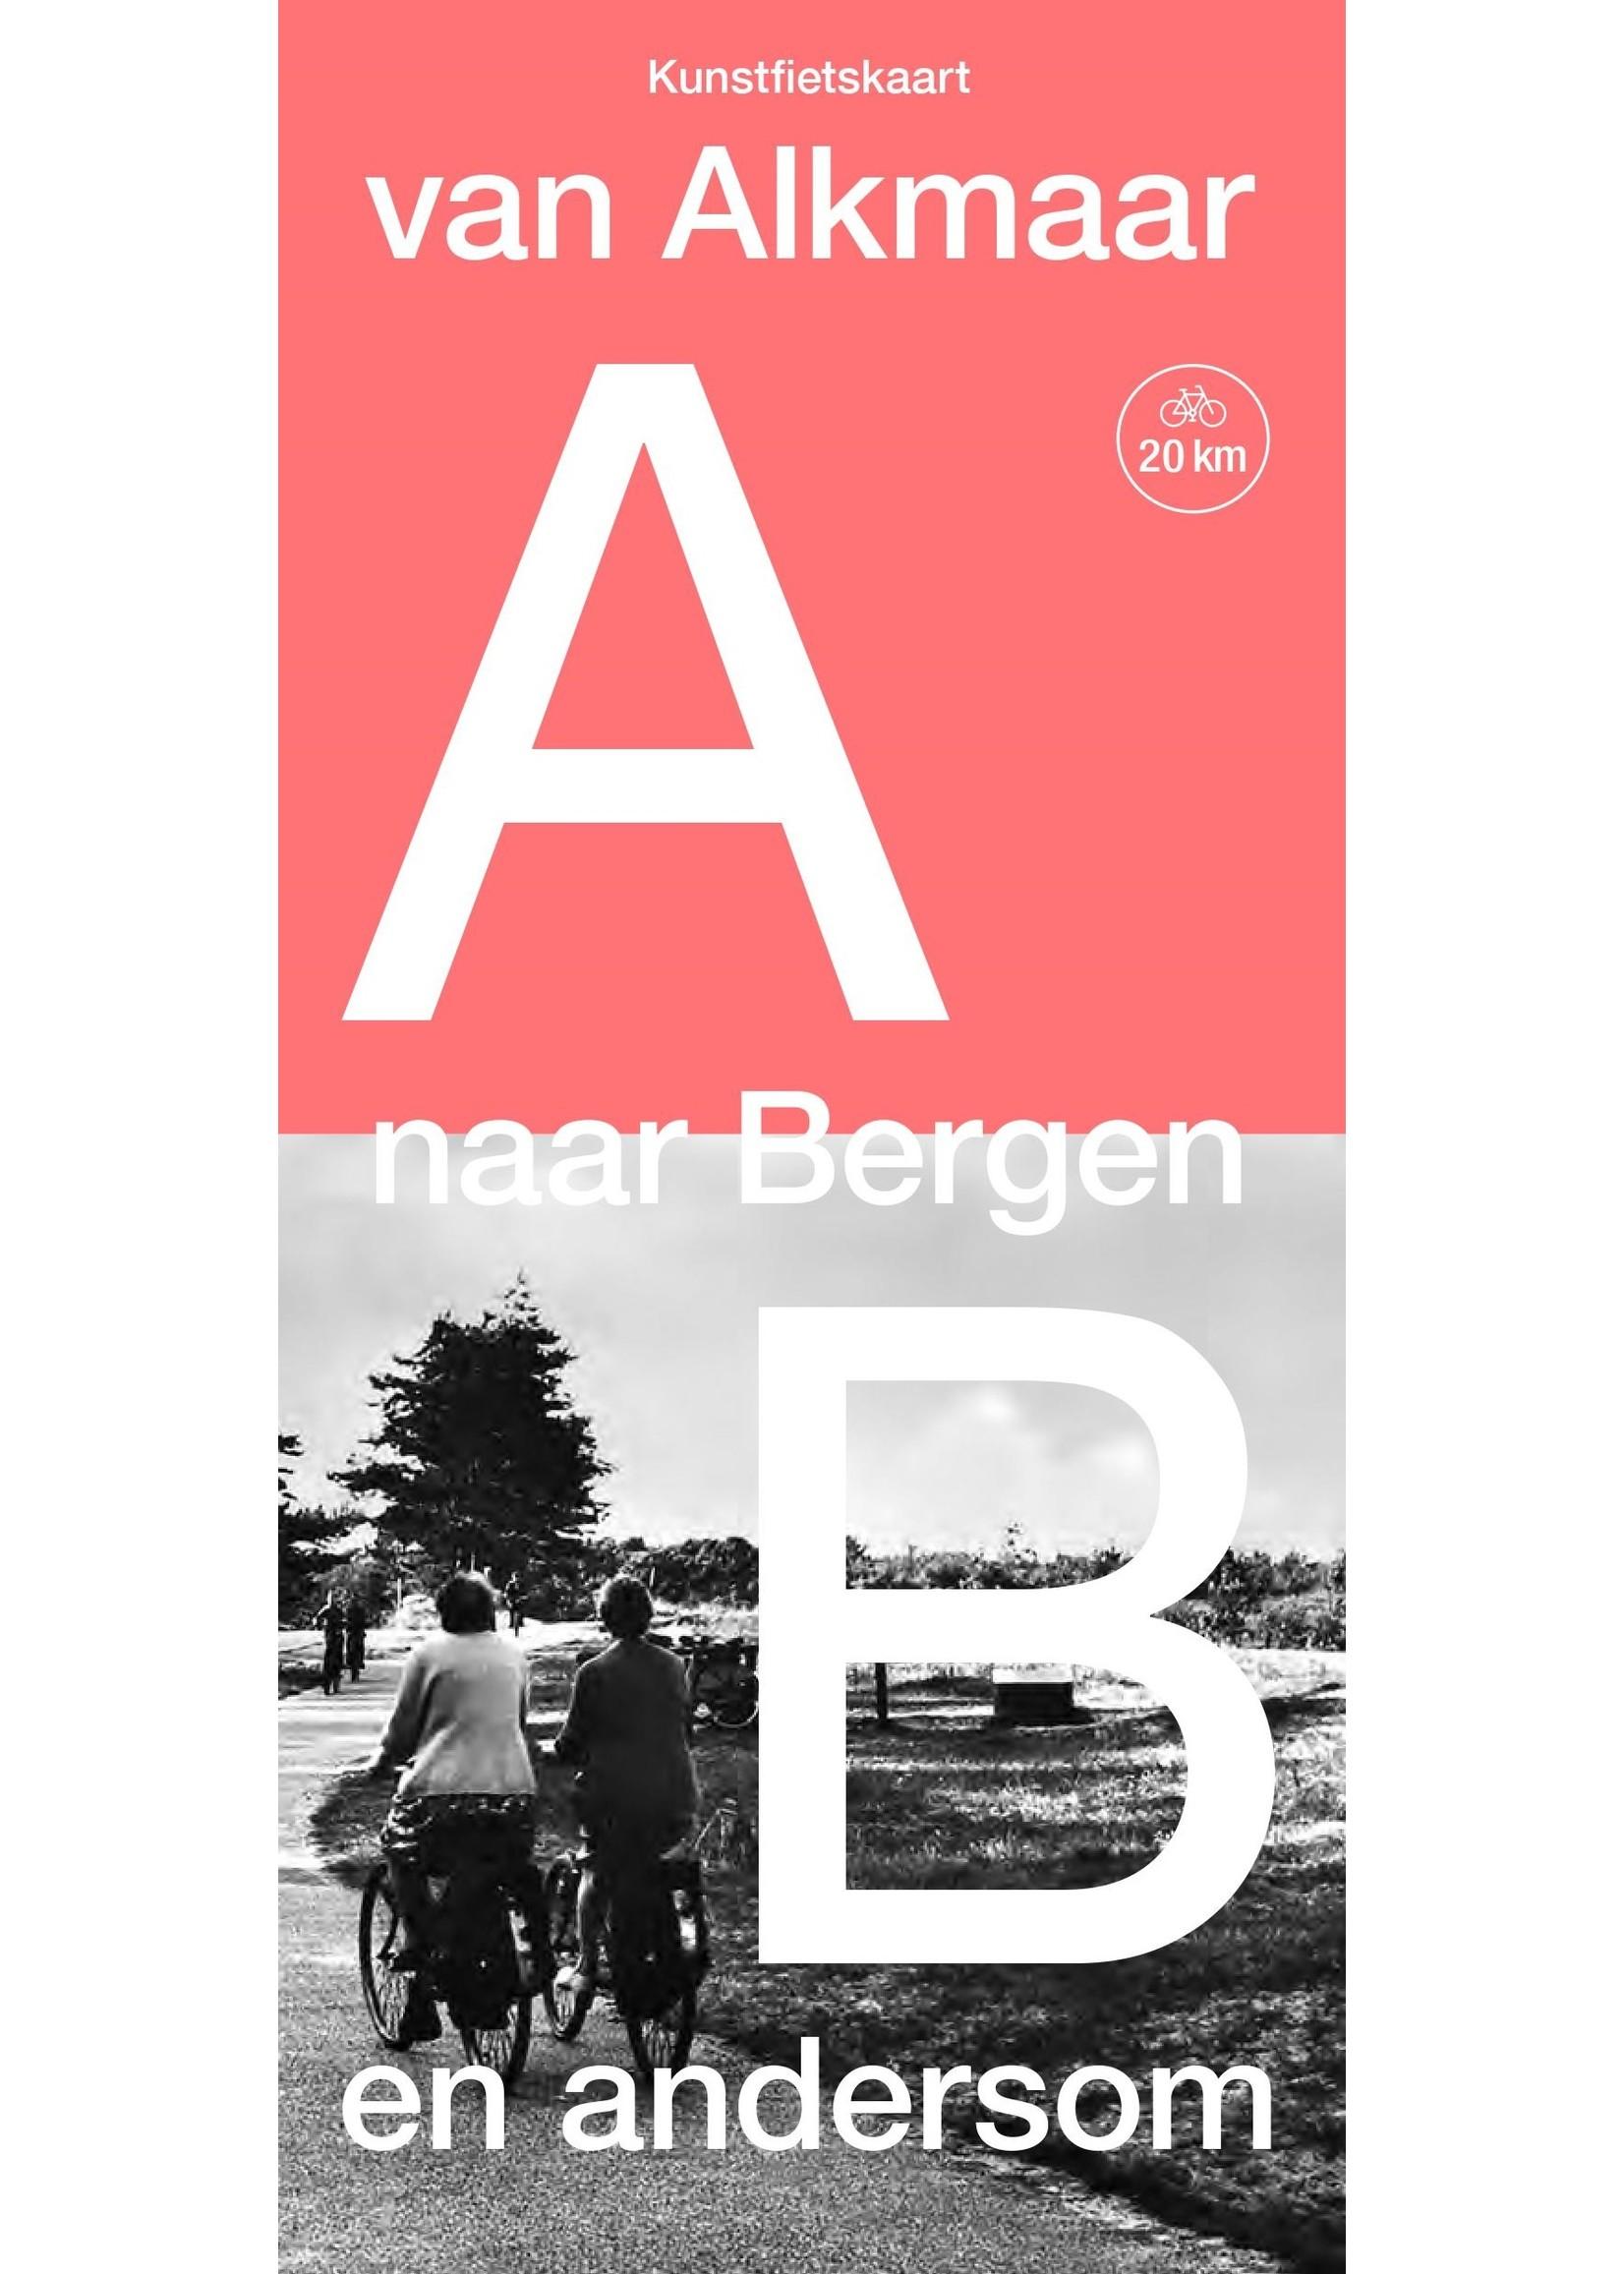 Fahrradkarte von Alkmaar nach Bergen